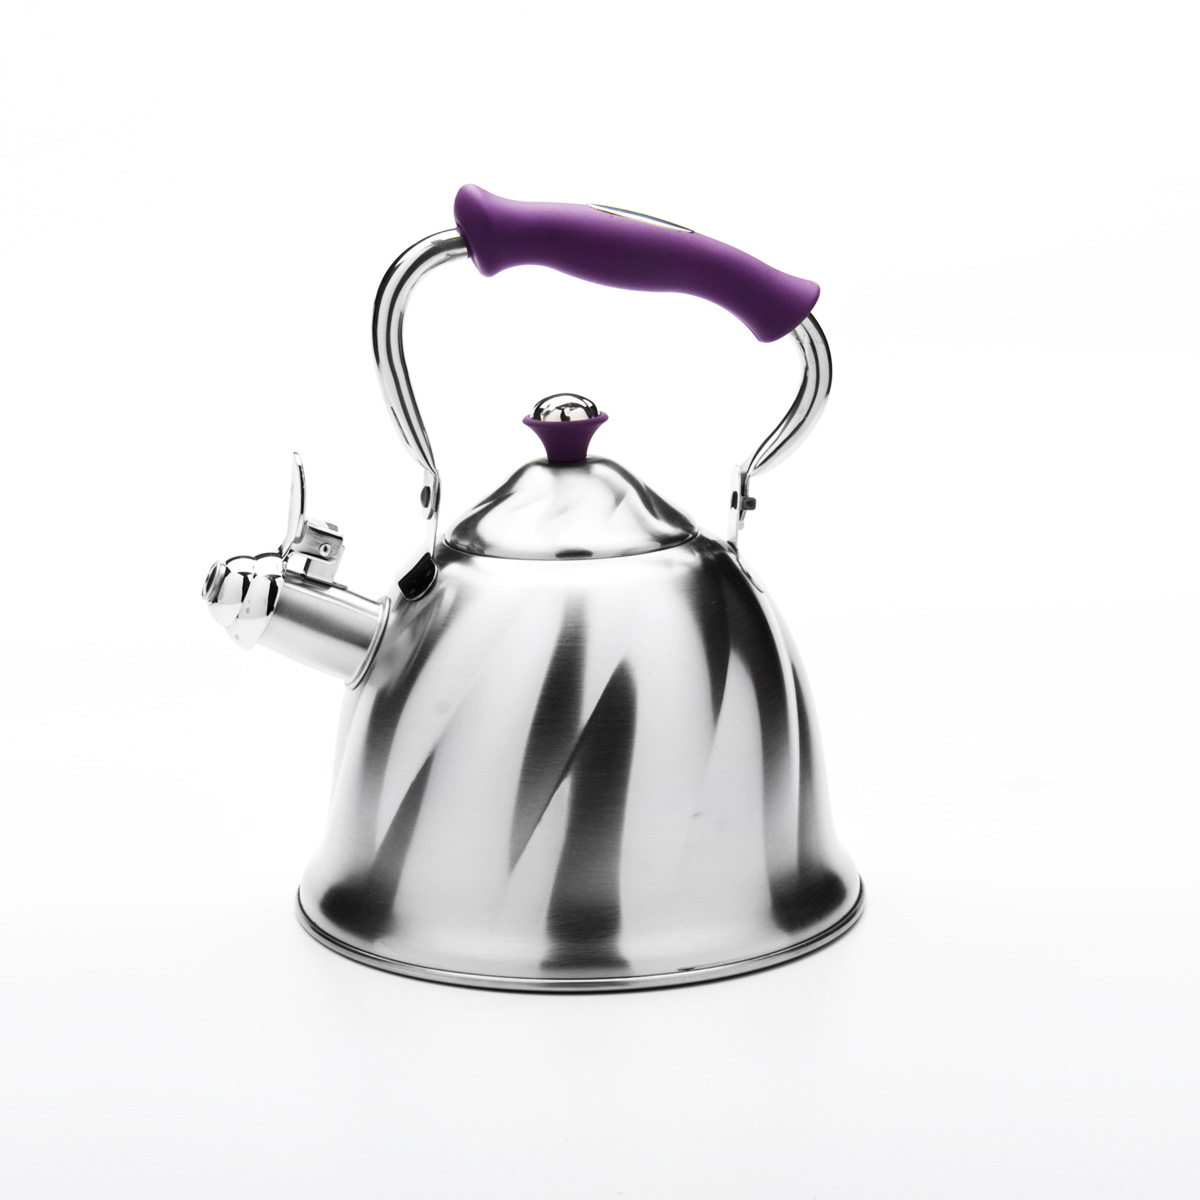 Чайник Mayer & Boch со свистком, цвет: фиолетовый, 3 л. 23777391602Чайник Mayer & Boch выполнен из высококачественной нержавеющей стали, что обеспечивает долговечность использования. Внешнее матовоепокрытие придает приятный внешний вид. Фиксированная ручка из бакелита делает использование чайника очень удобным и безопасным. Чайник снабжен свистком и устройством для открывания носика. Можно мыть в посудомоечной машине. Пригоден для всех видов плит, кроме индукционных. Высота чайника (без учета крышки и ручки): 13 см.Диаметр основания: 21 см.